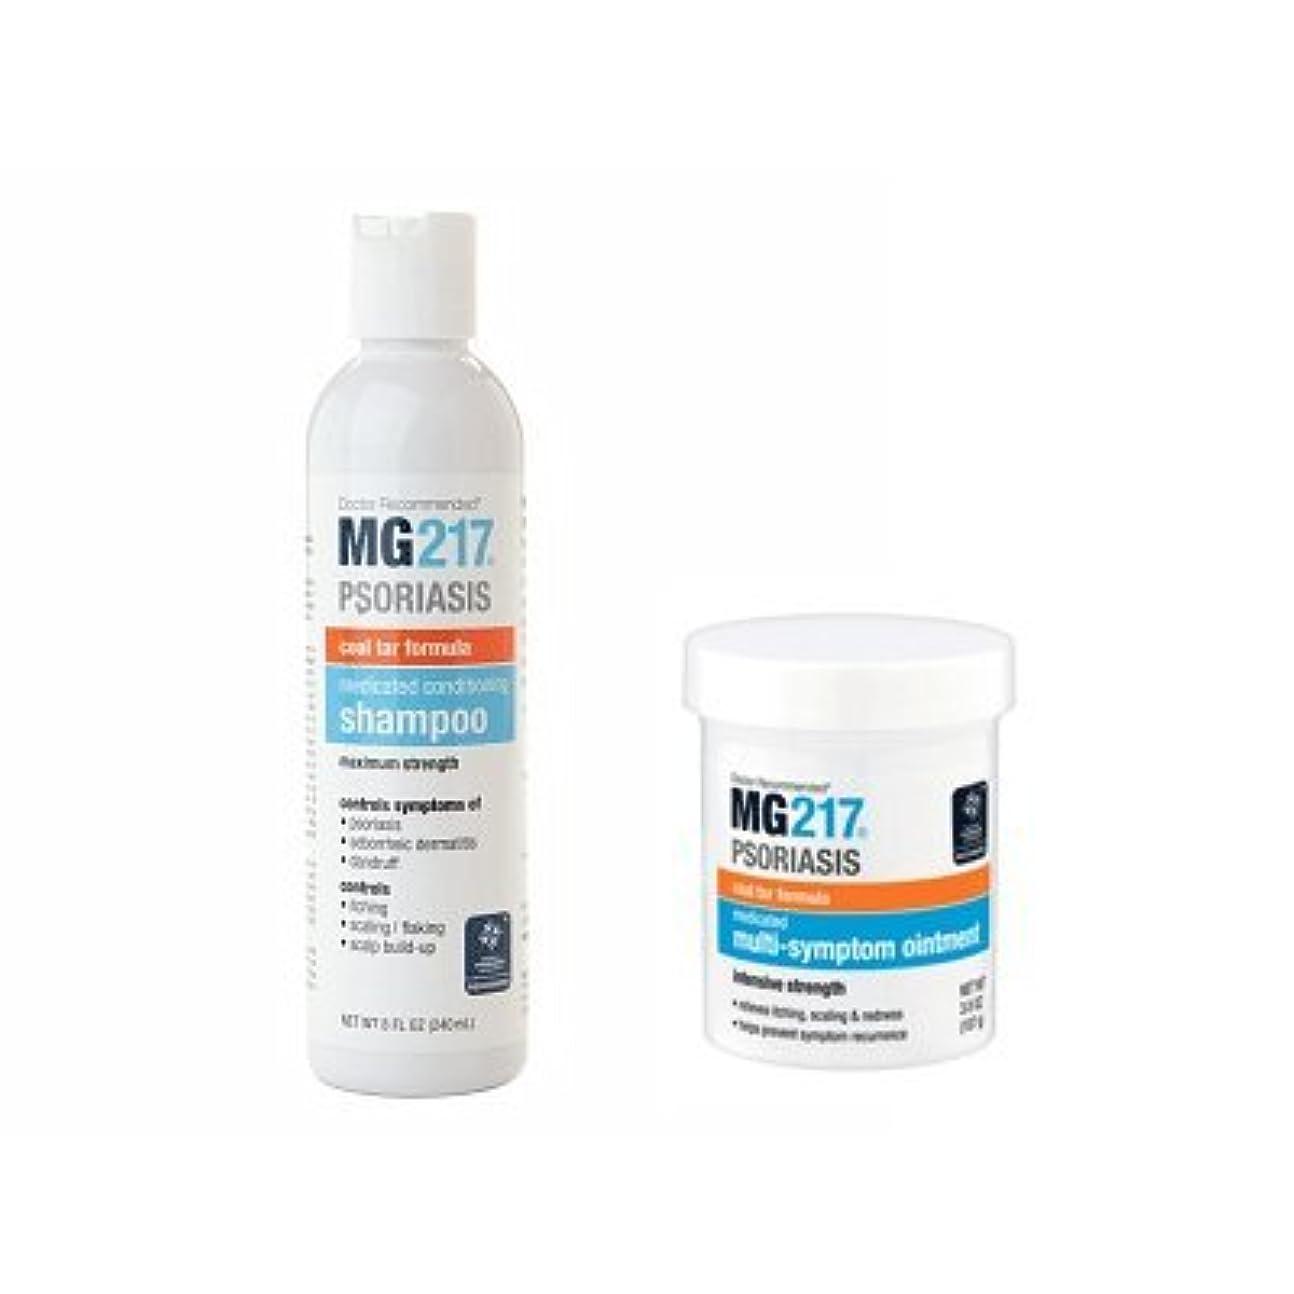 フィヨルド抗生物質書くMG217 シャンプー&軟膏セット 240ml/107ml Psoriasis Medicated Conditioning Shampoo,Ointment set 海外直送品